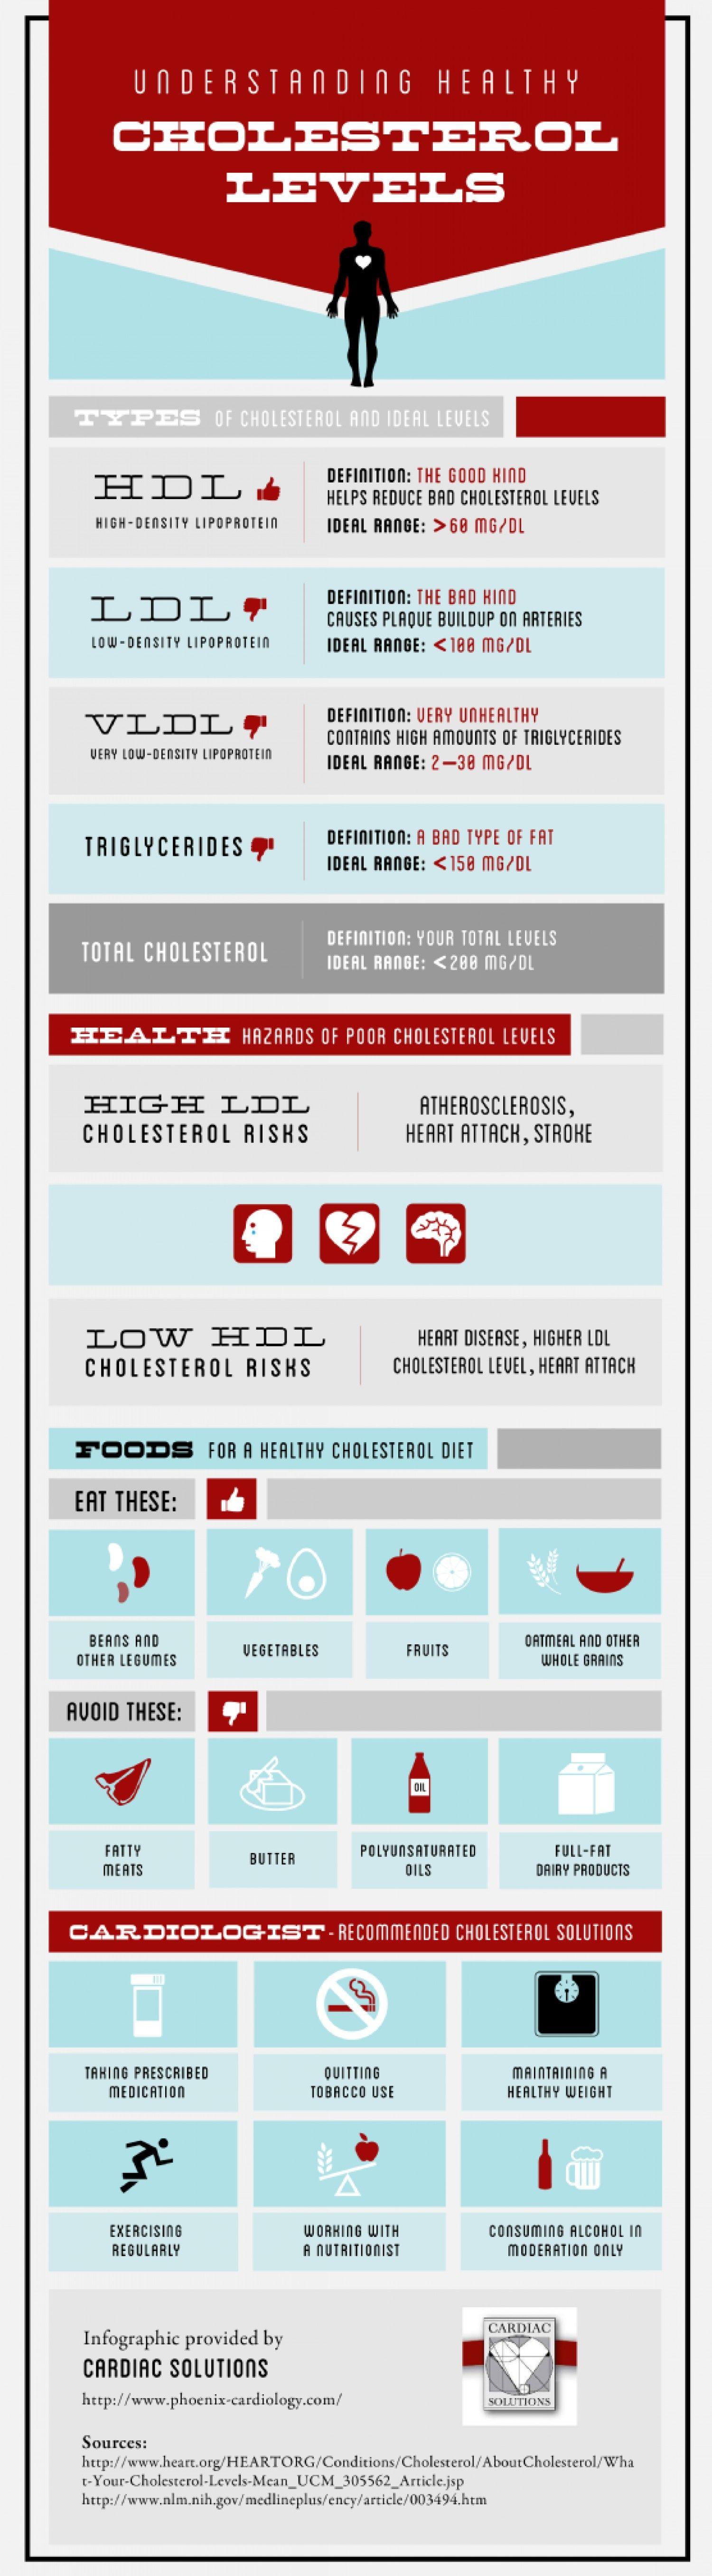 slăbește ldl amchurul ajută la pierderea în greutate